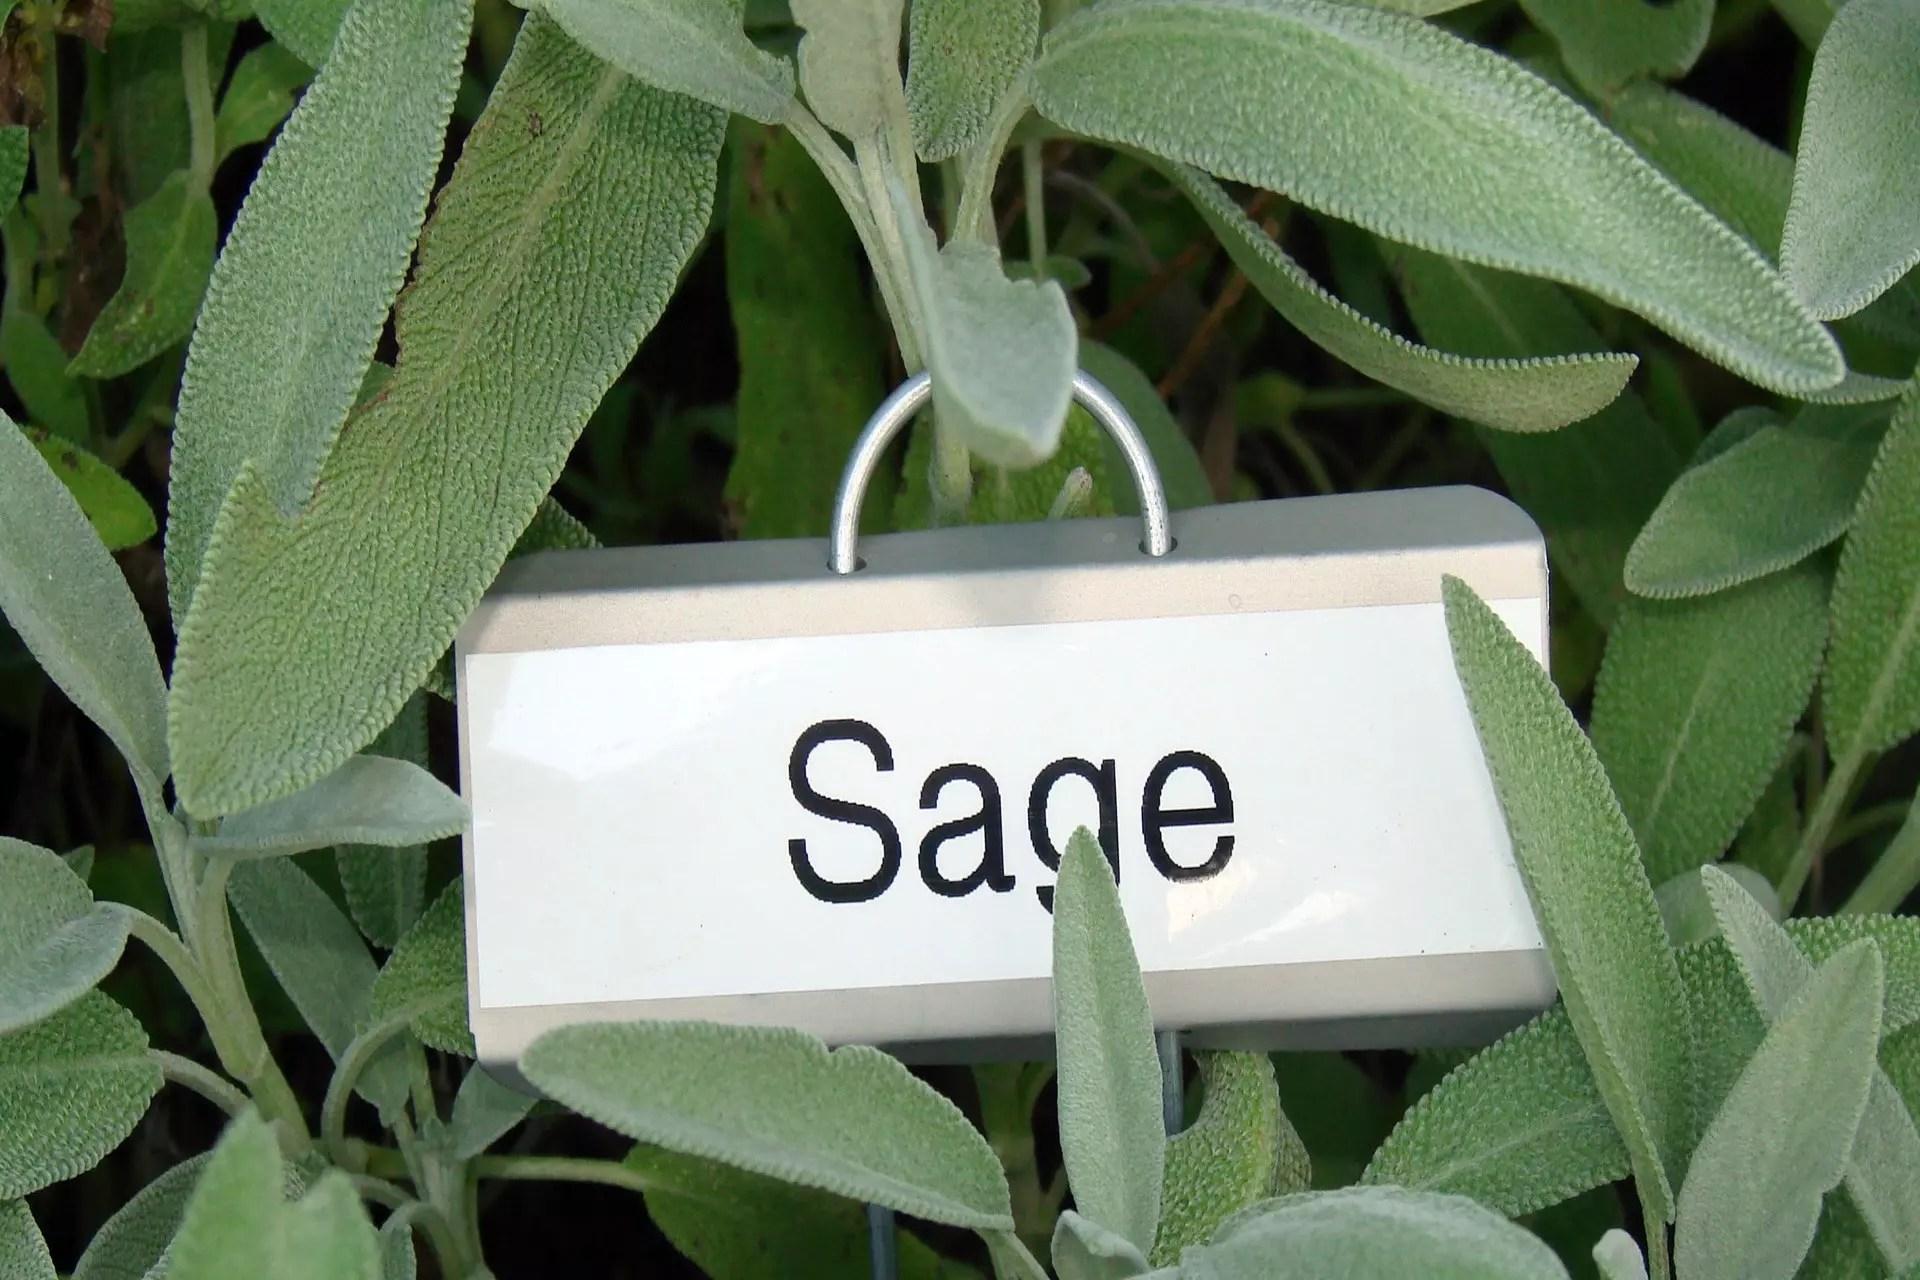 sage in the garden